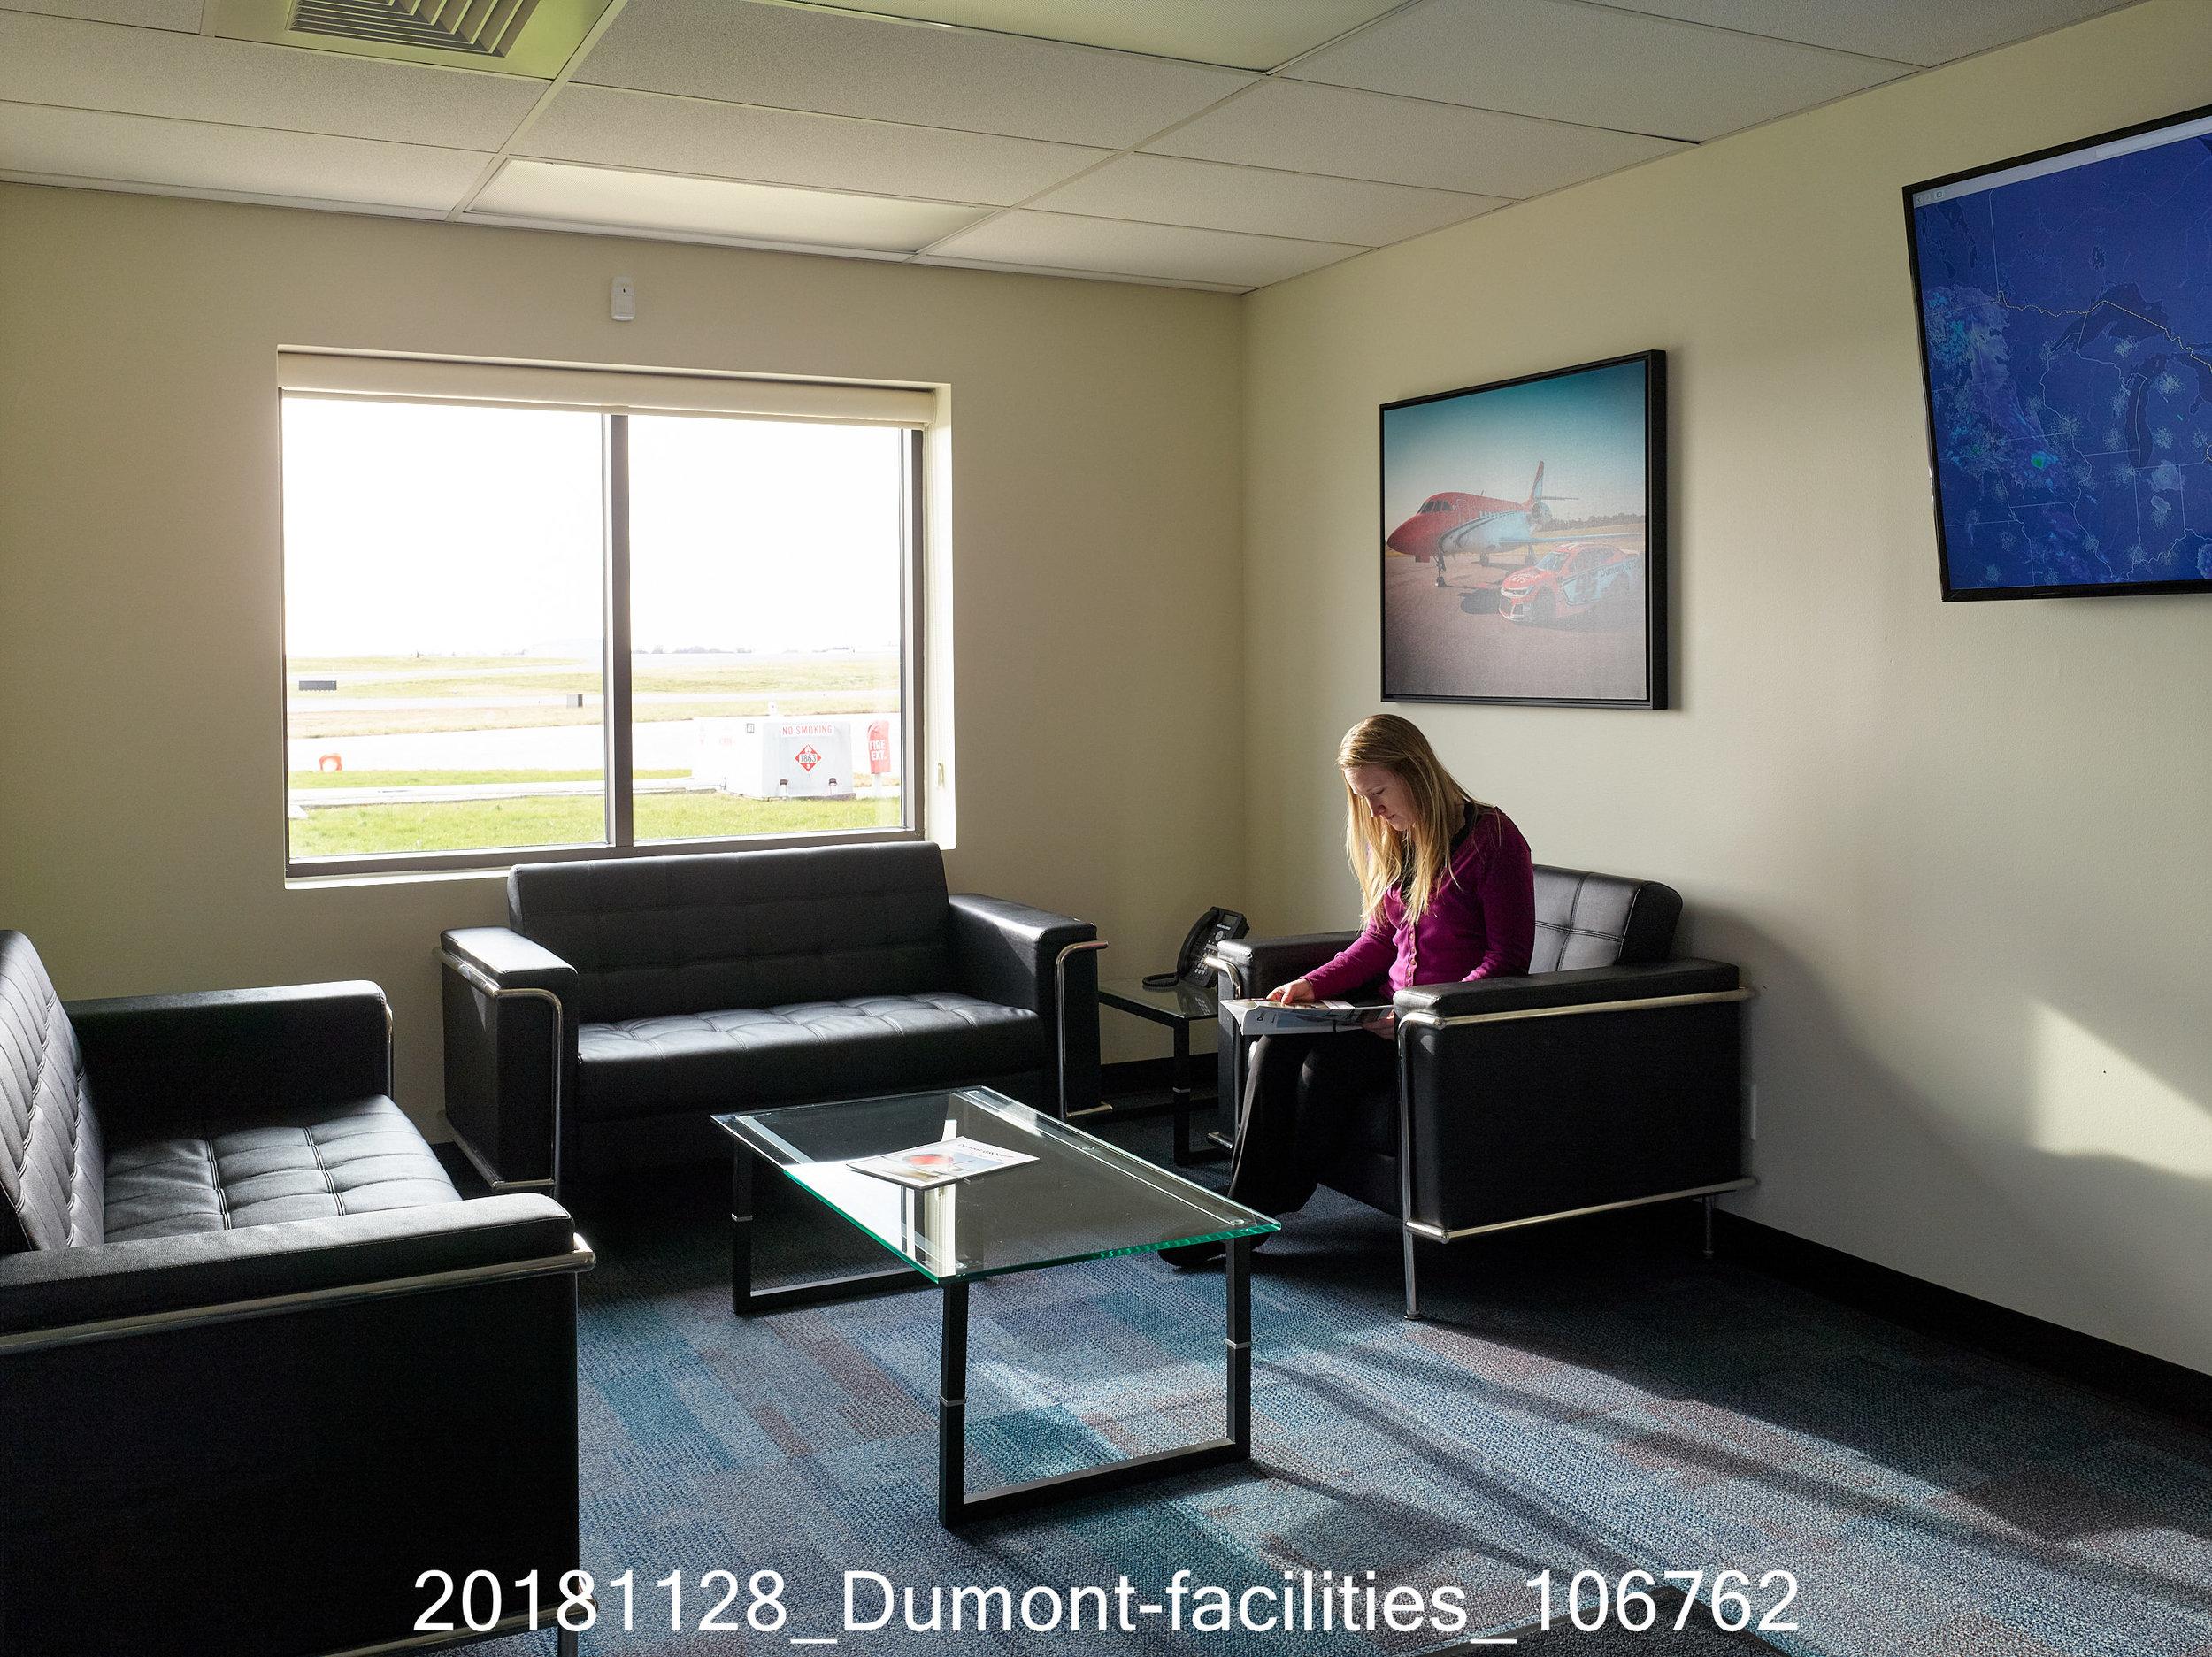 20181128_Dumont-facilities_106762.jpg